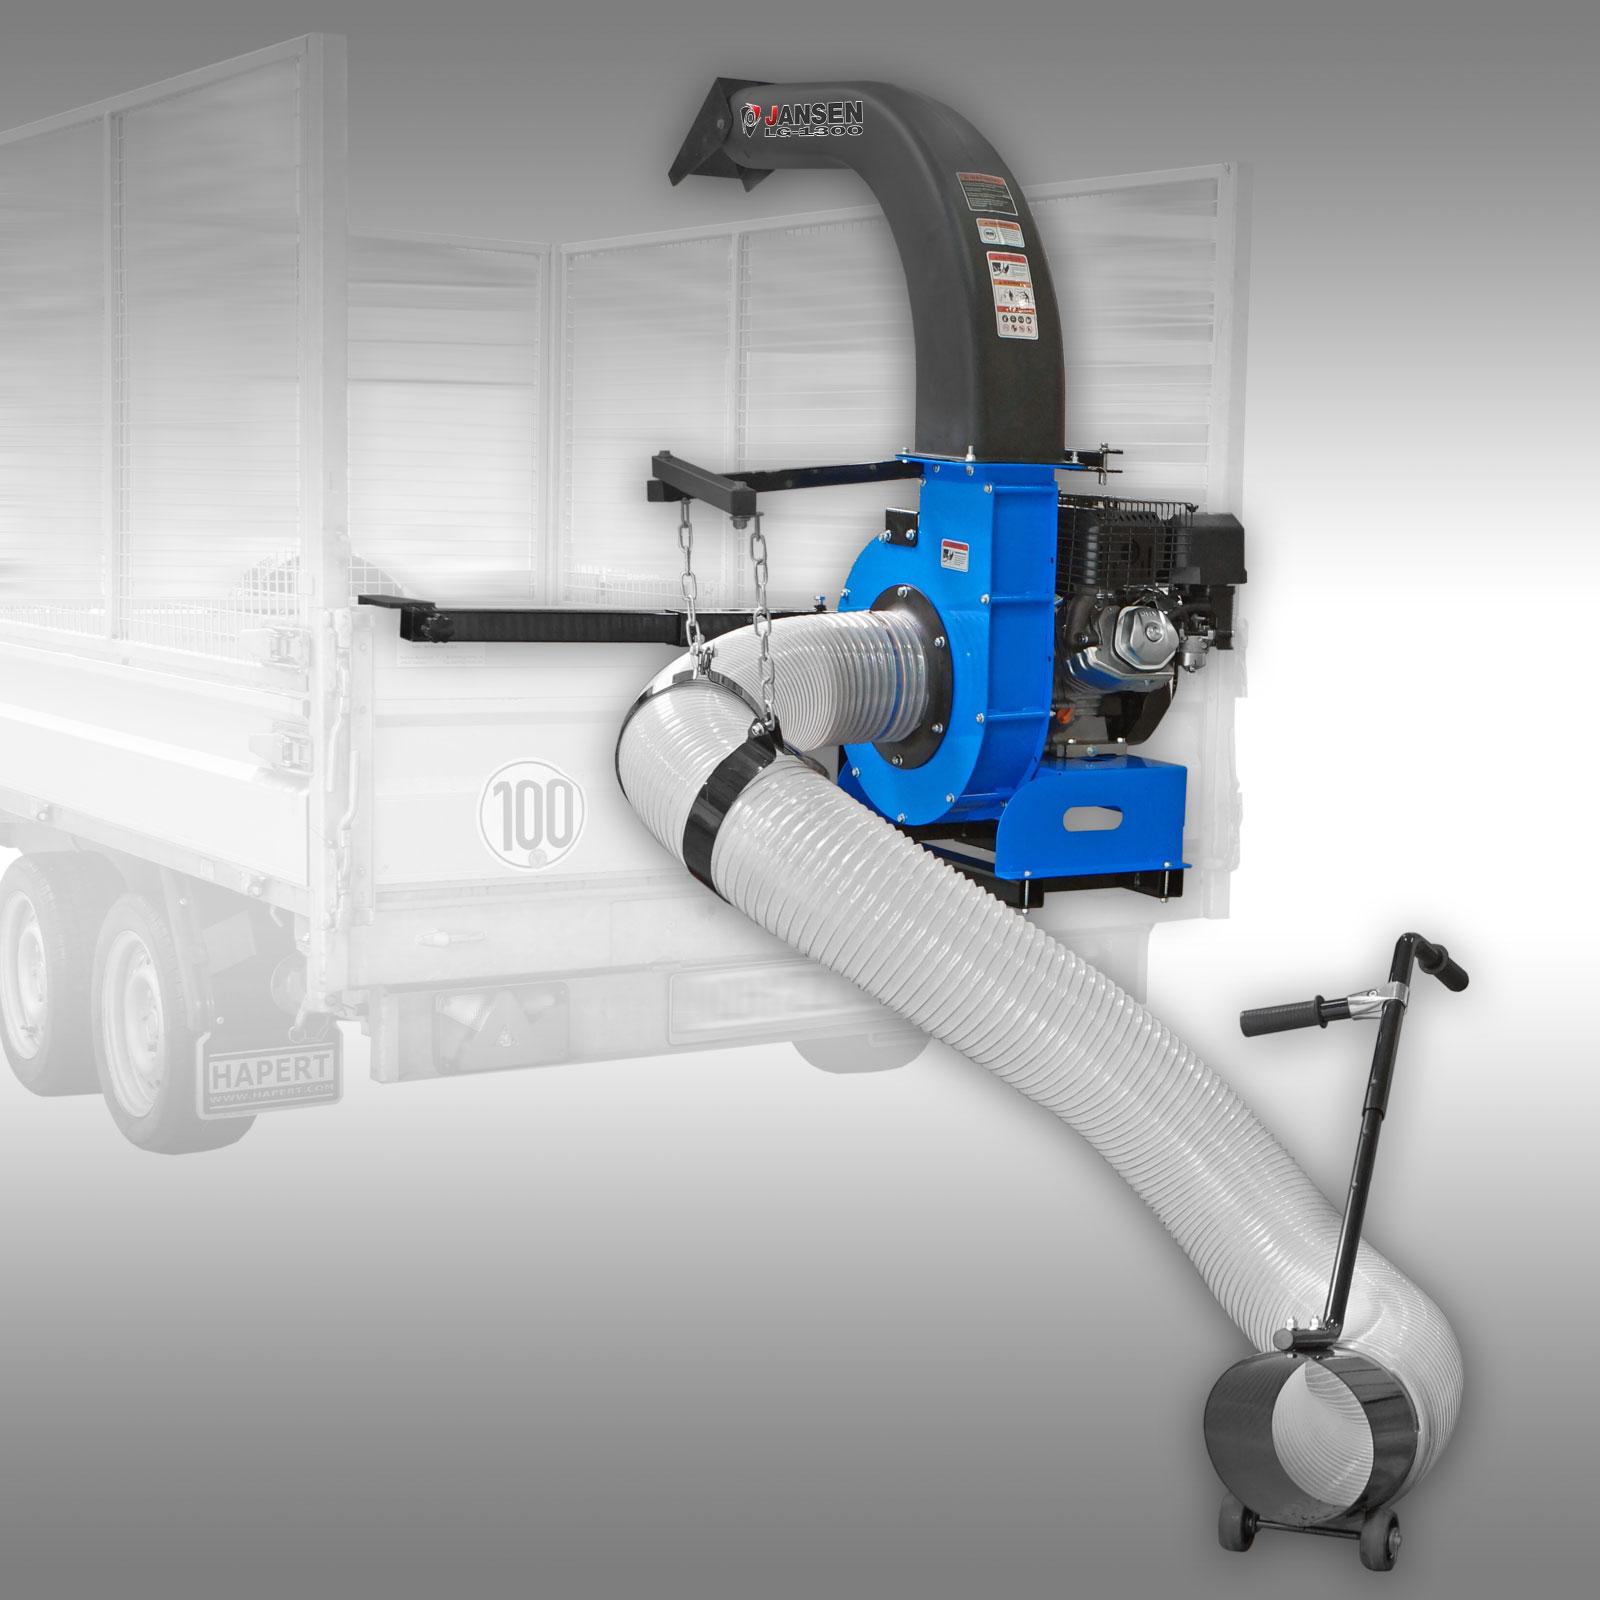 Jansen Bladzuiger LG-1300, Truckloader-bladruimer, aanbouwframe